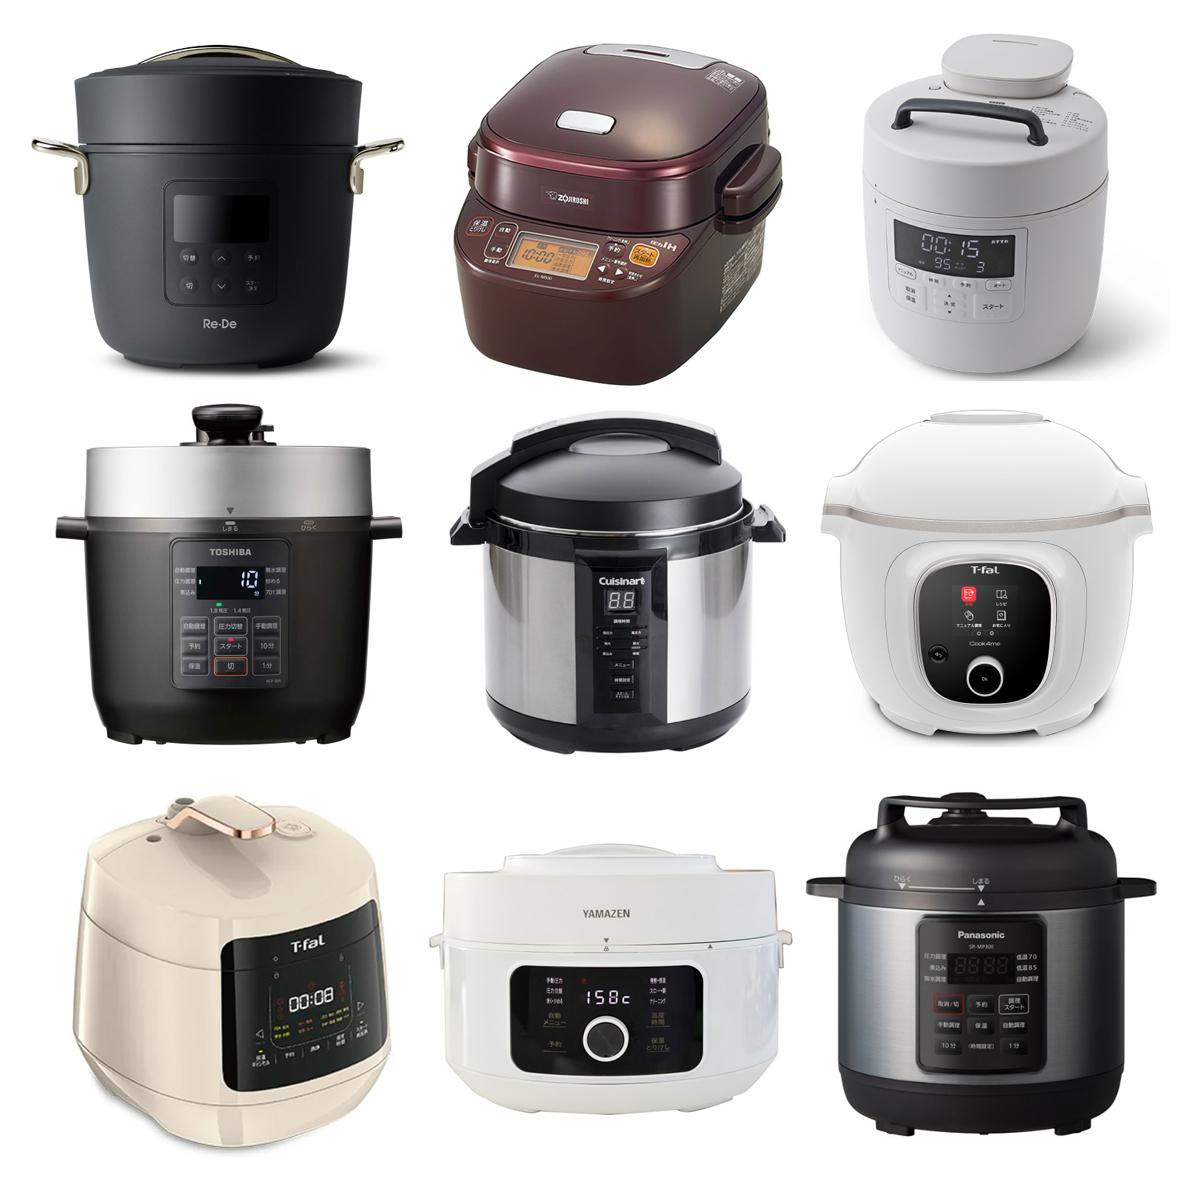 《2020年》人気の電気圧力鍋おすすめ8選! 安全・簡単・時短調理に便利